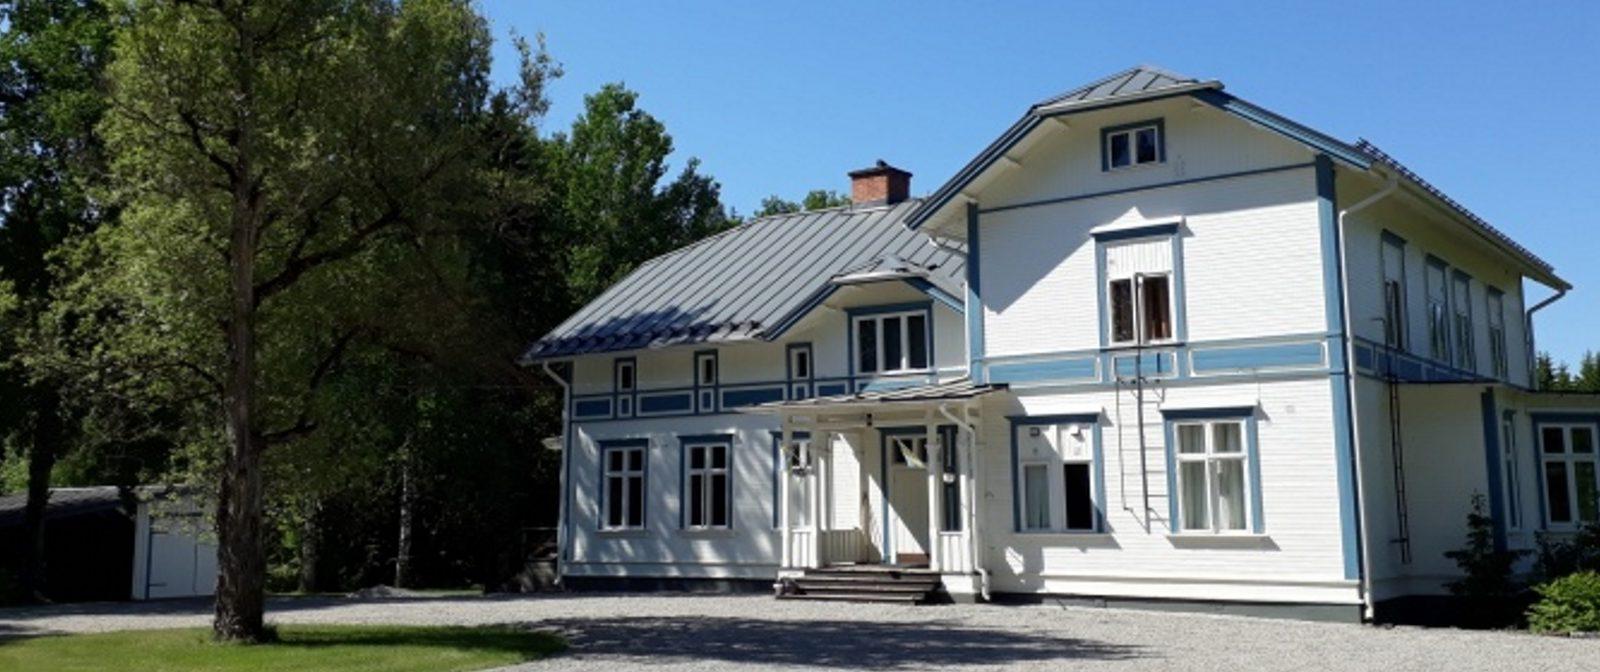 Geijersholm mansion in warmland